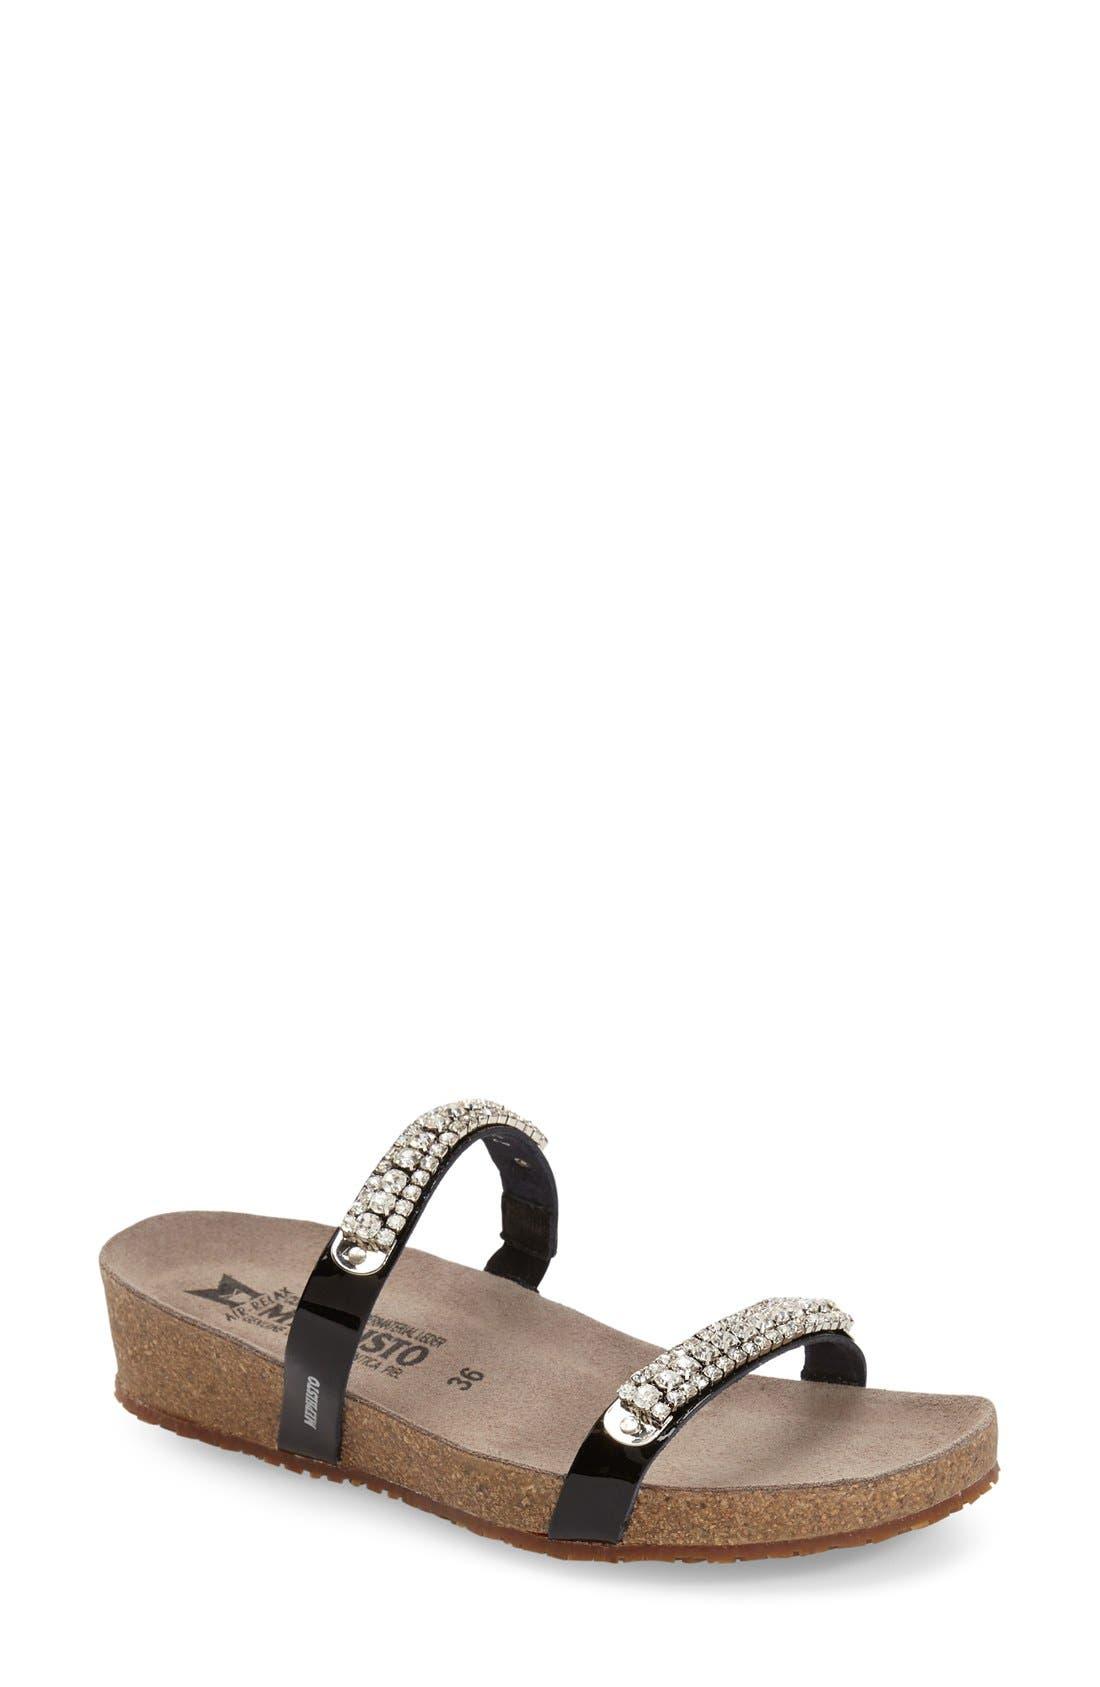 'Ivana' Crystal Embellished Slide Sandal, Main, color, BLACK PATENT